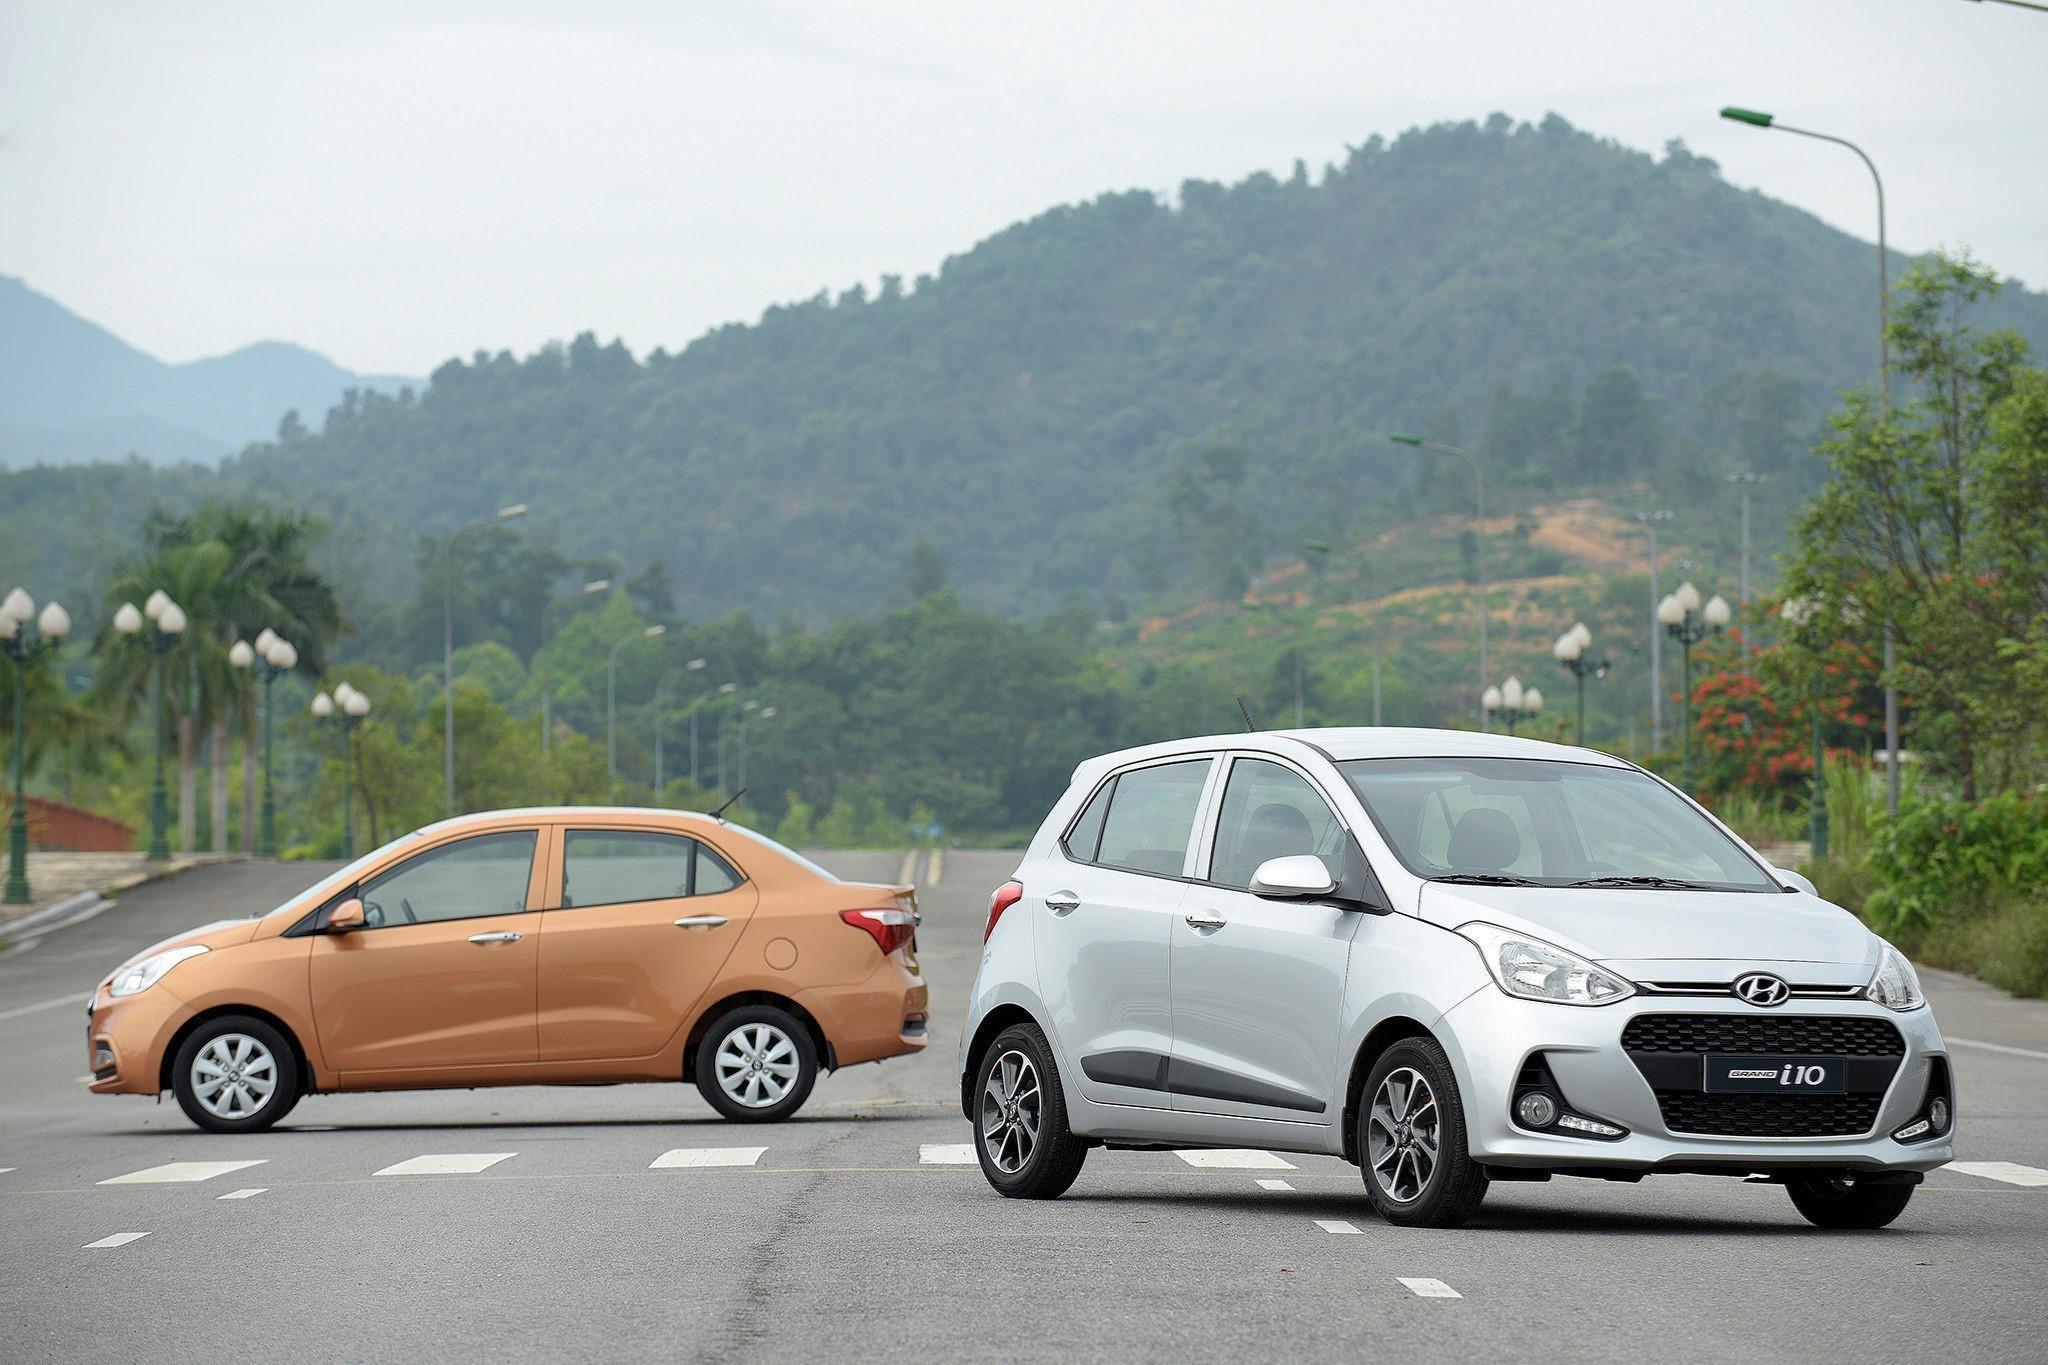 4. Hyundai Grand i10: 1.759 xeVới 1.759 xe được bán ra trong tháng 10, Hyundai Grand i10 xếp ở vị trí thứ 4 trong số 10 xe bán chạy nhất. So với tháng trước, doanh số của mẫu xe này tăng 446 xe. Sau cú trượt chân và đánh mất vị trí dẫn đầu phân khúc vào tay VinFast Fadil hồi tháng 9, mẫu xe của Hyundai vẫn chưa tìm lại được phong độ quen thuộc.Động cơ: 1.0L - 1.2LHộp số: Sàn 5 cấp hoặc tự động 4 cấpGiá bán: 315-415 triệu đồng